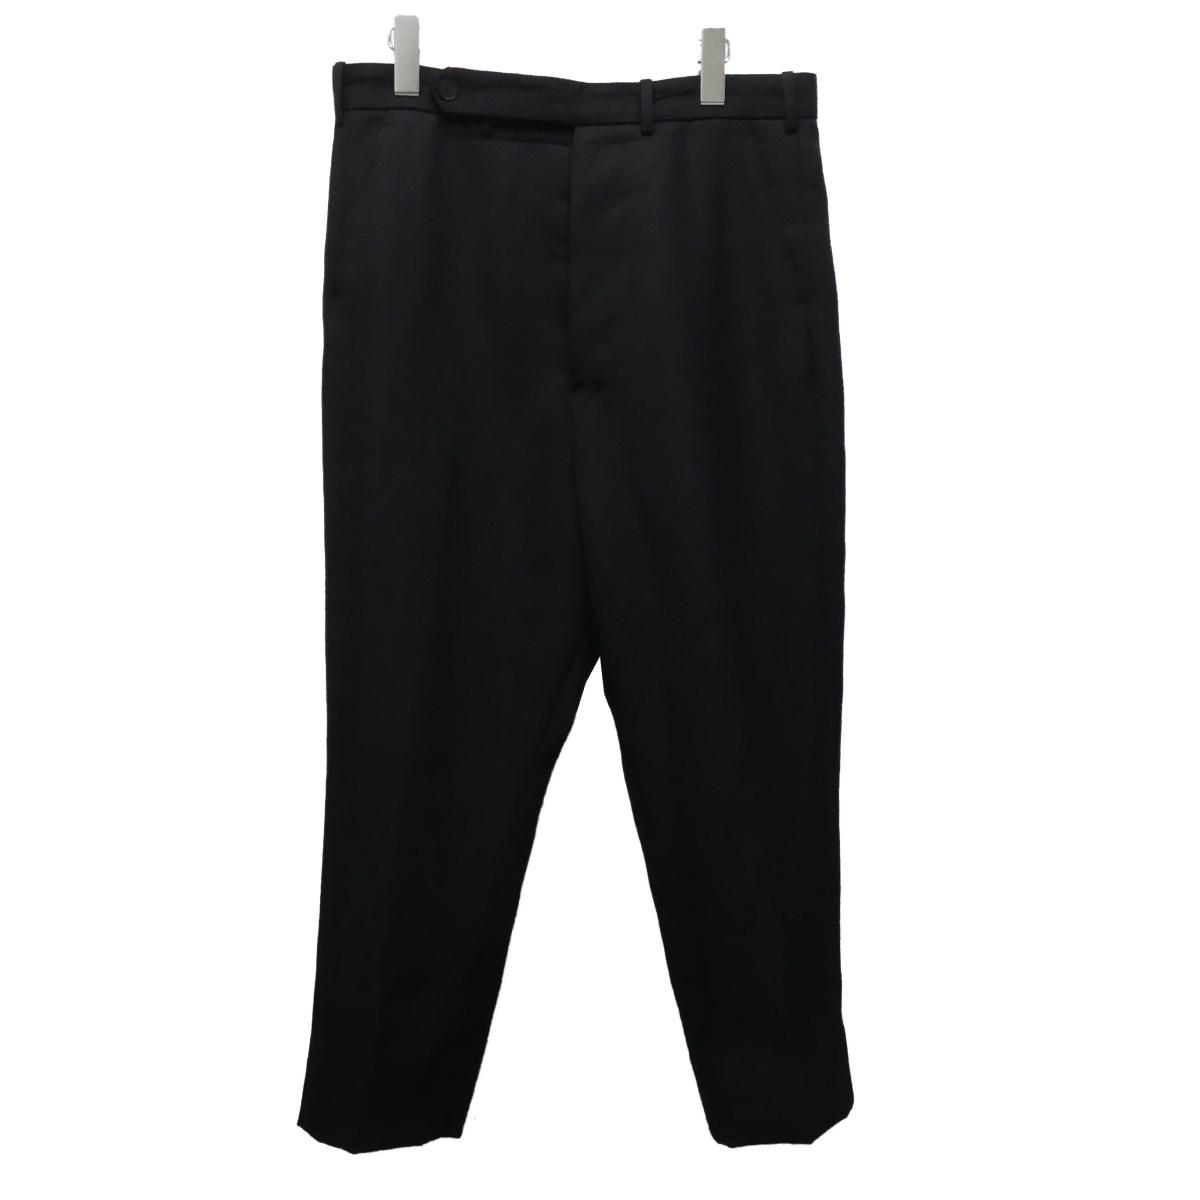 【中古】HAIDER ACKERMANN スラックスパンツ ブラック サイズ:48 【150720】(ハイダーアッカーマン)